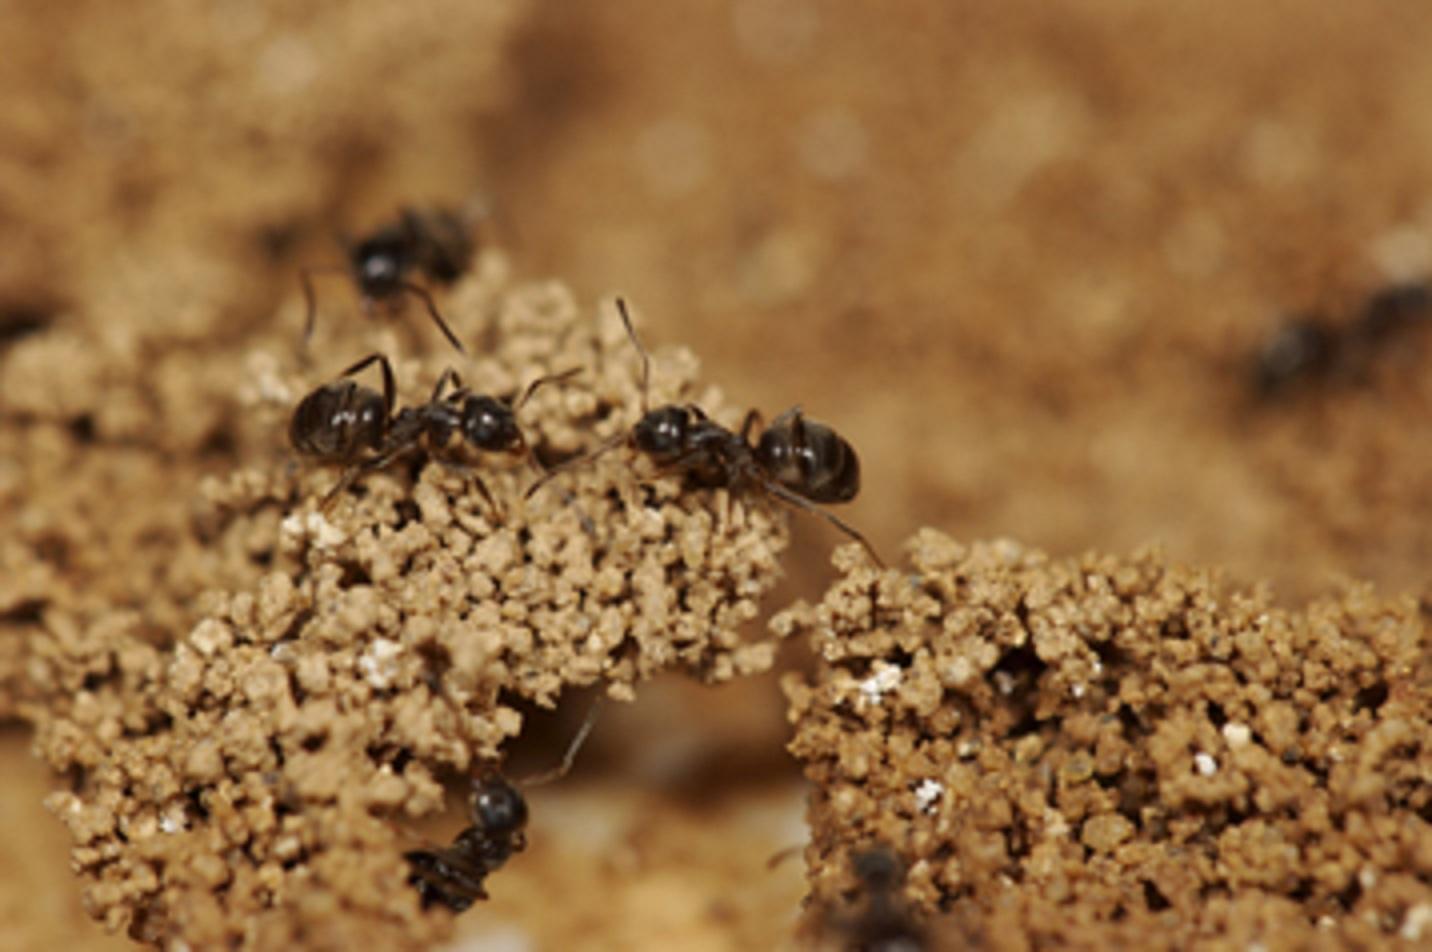 Hormigas 'Lausius niger' construyendo sus nidos. © Guy Theraulaz. Fuente: CRCA/CNRS (Toulouse).